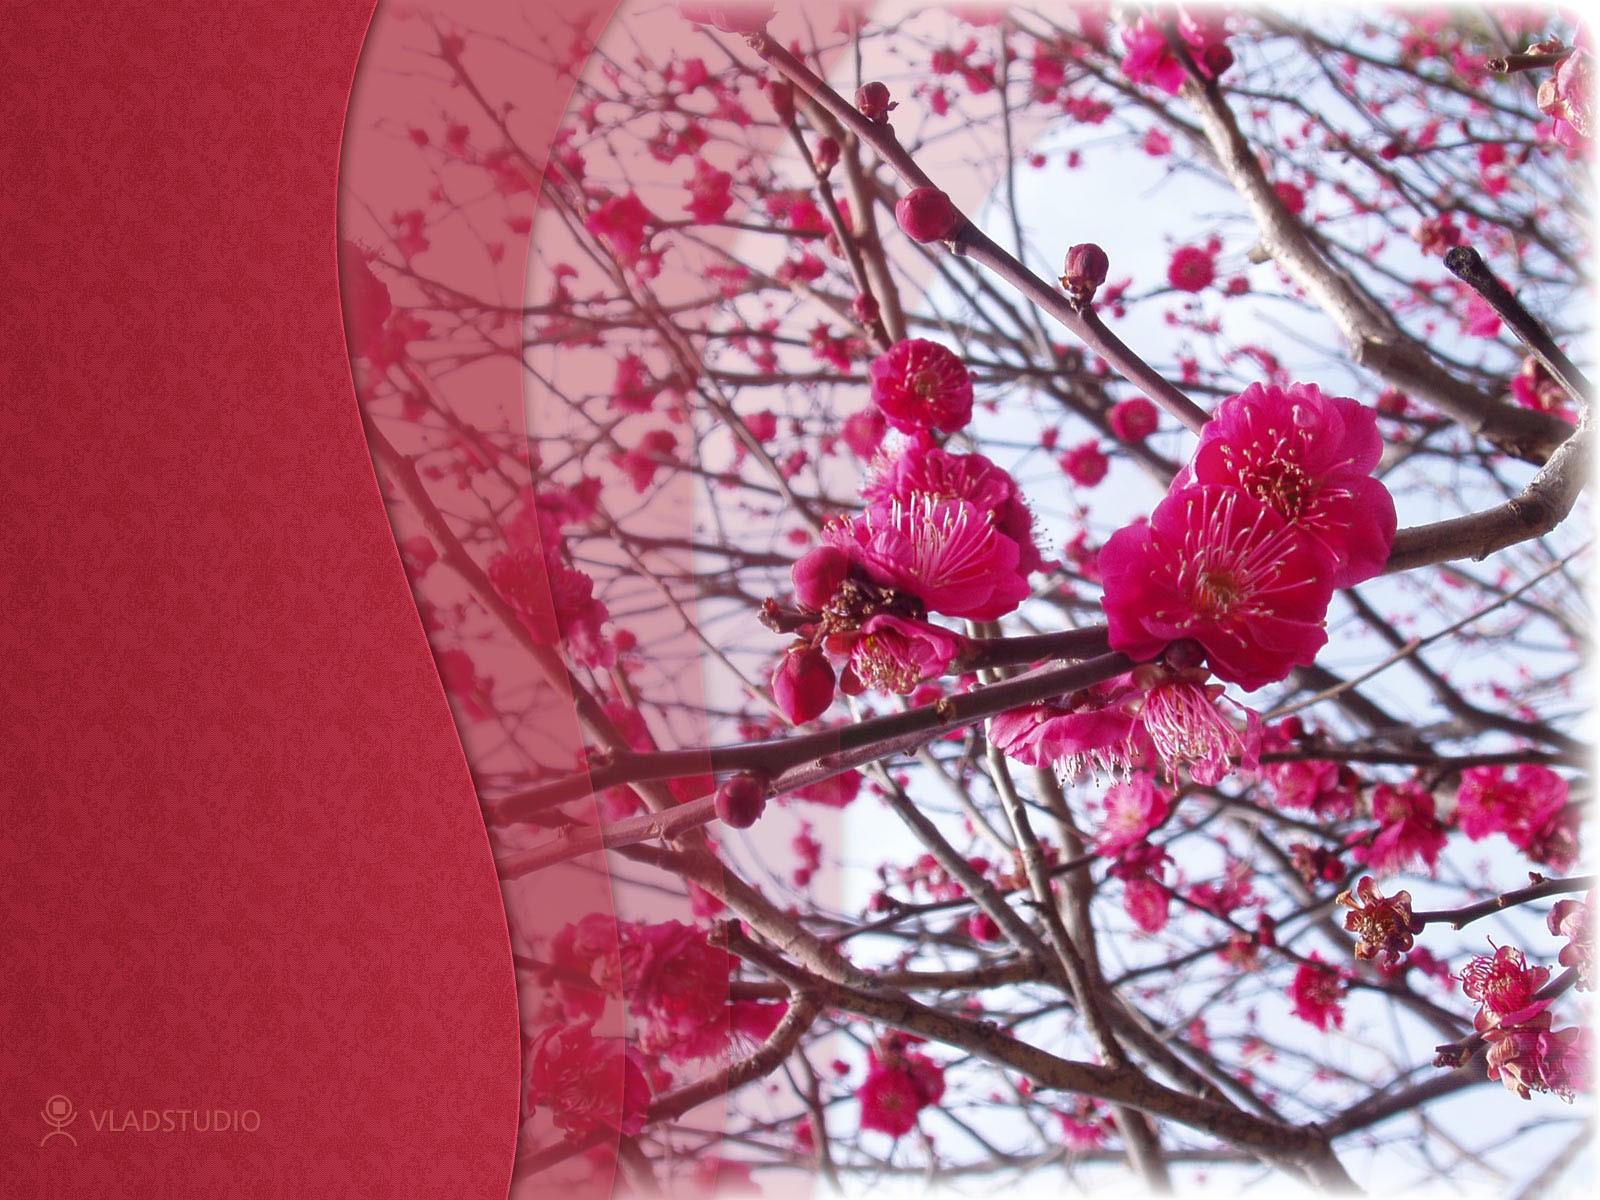 Ветка с цветущими розовыми цветами